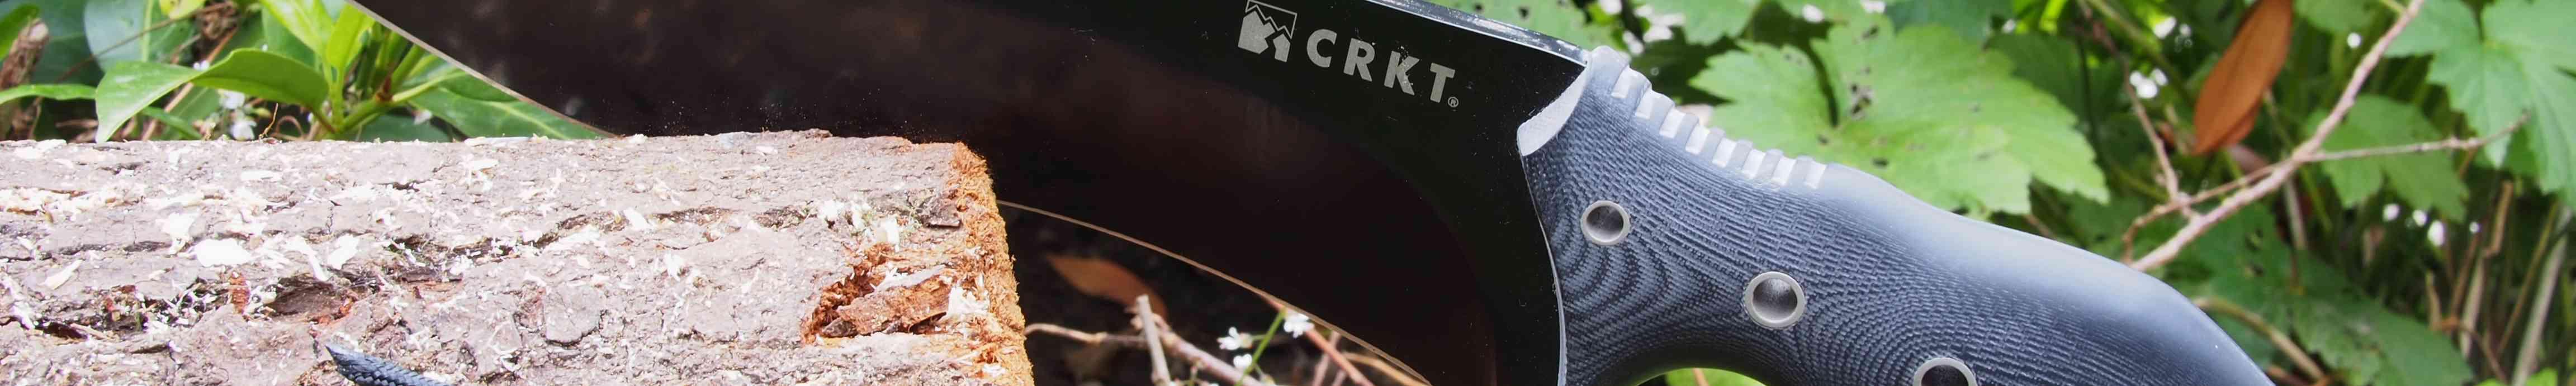 CRKT Banner